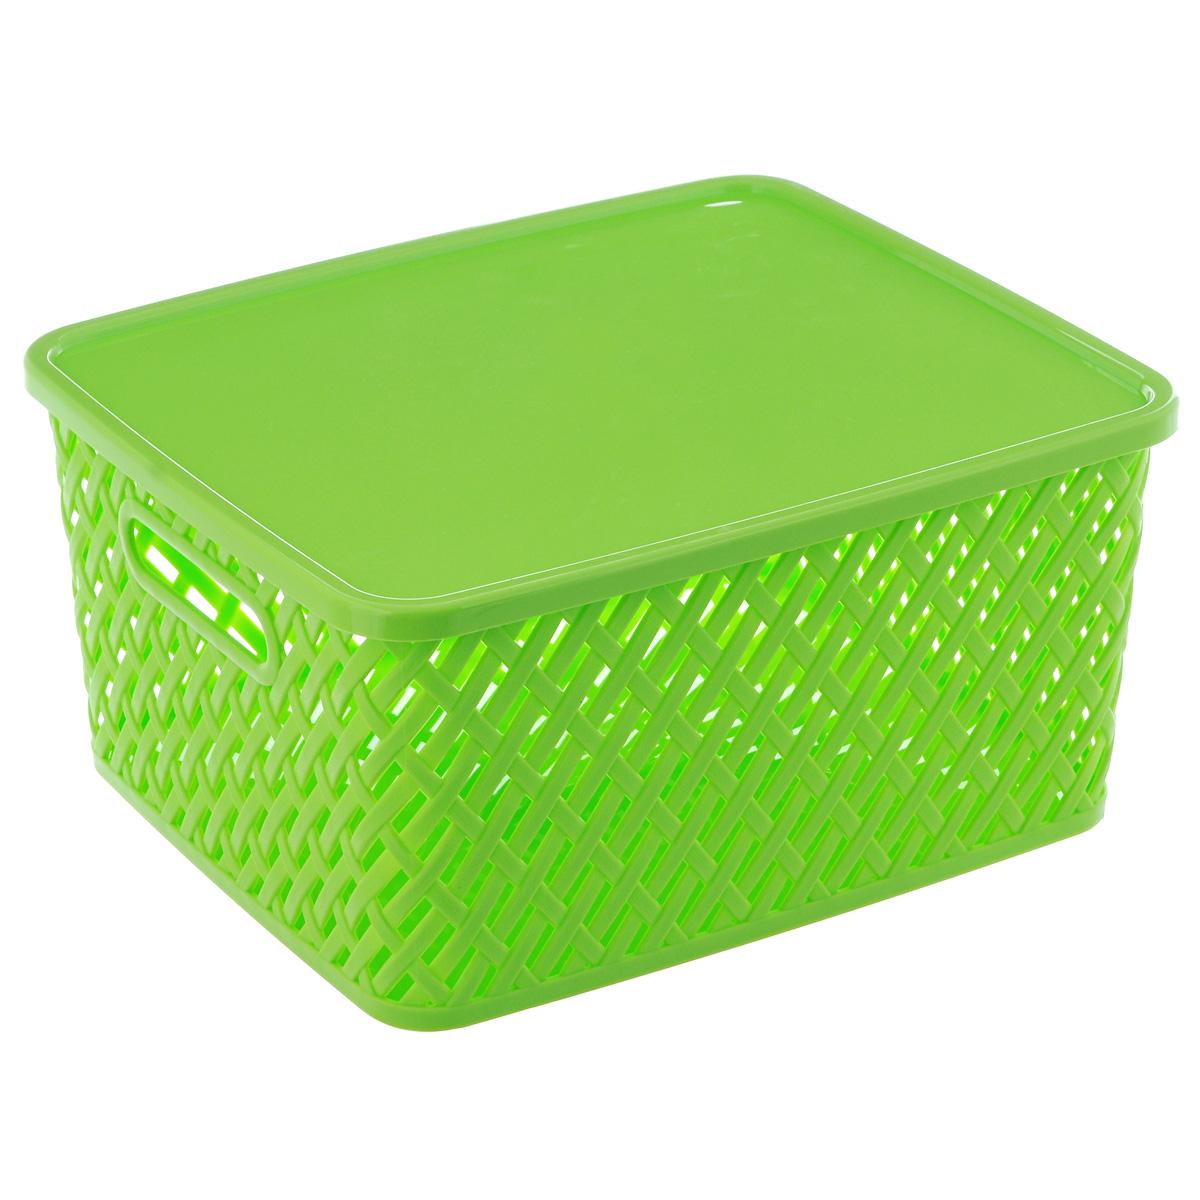 Корзина Альтернатива Плетенка, с крышкой, цвет: салатовый, 35 см х 29 см х 17,5 смМ3556Корзина Альтернатива Плетенка выполнена из прочного пластика. Она предназначена для хранения различных бытовых вещей и продуктов.Корзина имеет крышку, которая легко открывается и плотно закрывается. Стенки корзины имитированы под плетение, за счет этого обеспечивается естественная вентиляция. Корзина поможет хранить все в одном месте, а также его можно использовать как и для пикника.